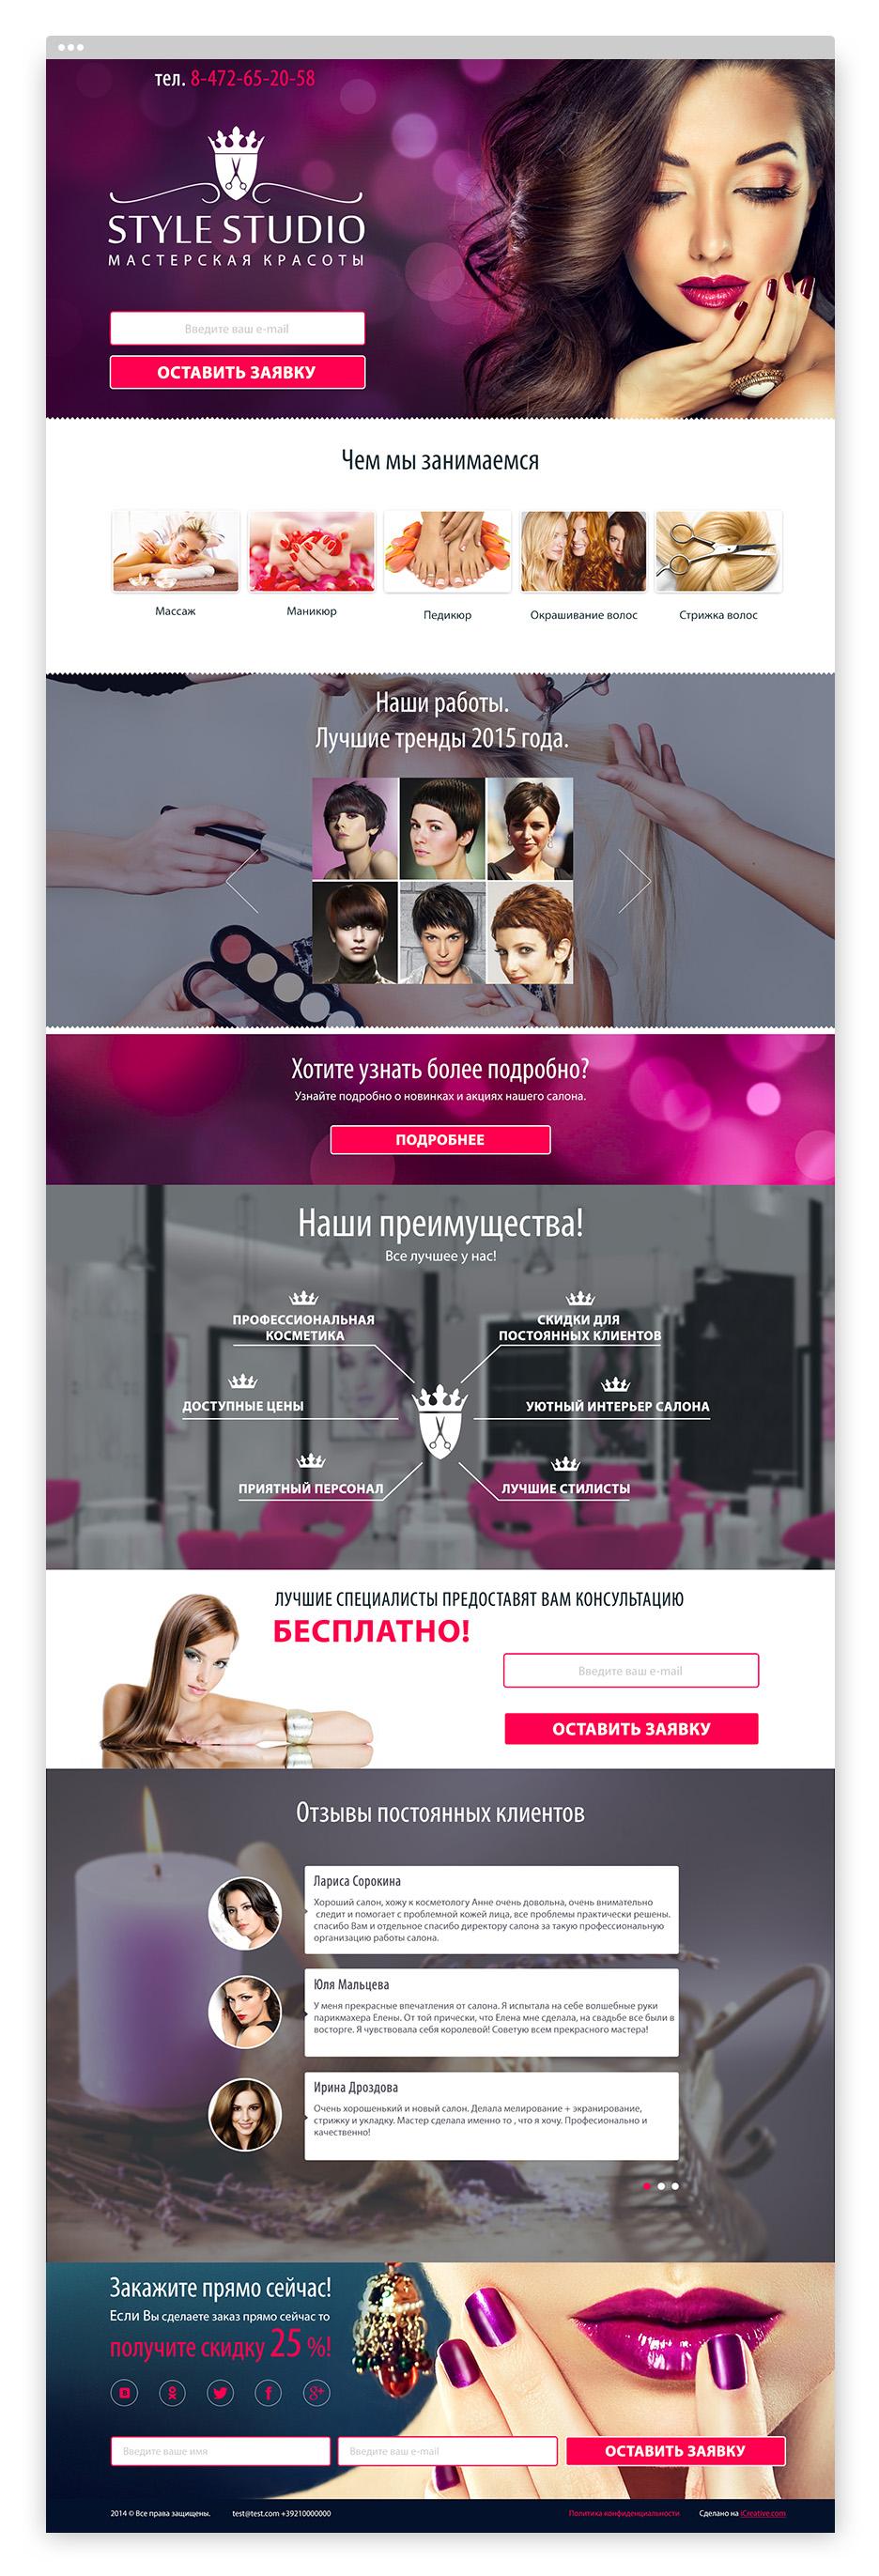 icreative-com-ua_style_studio